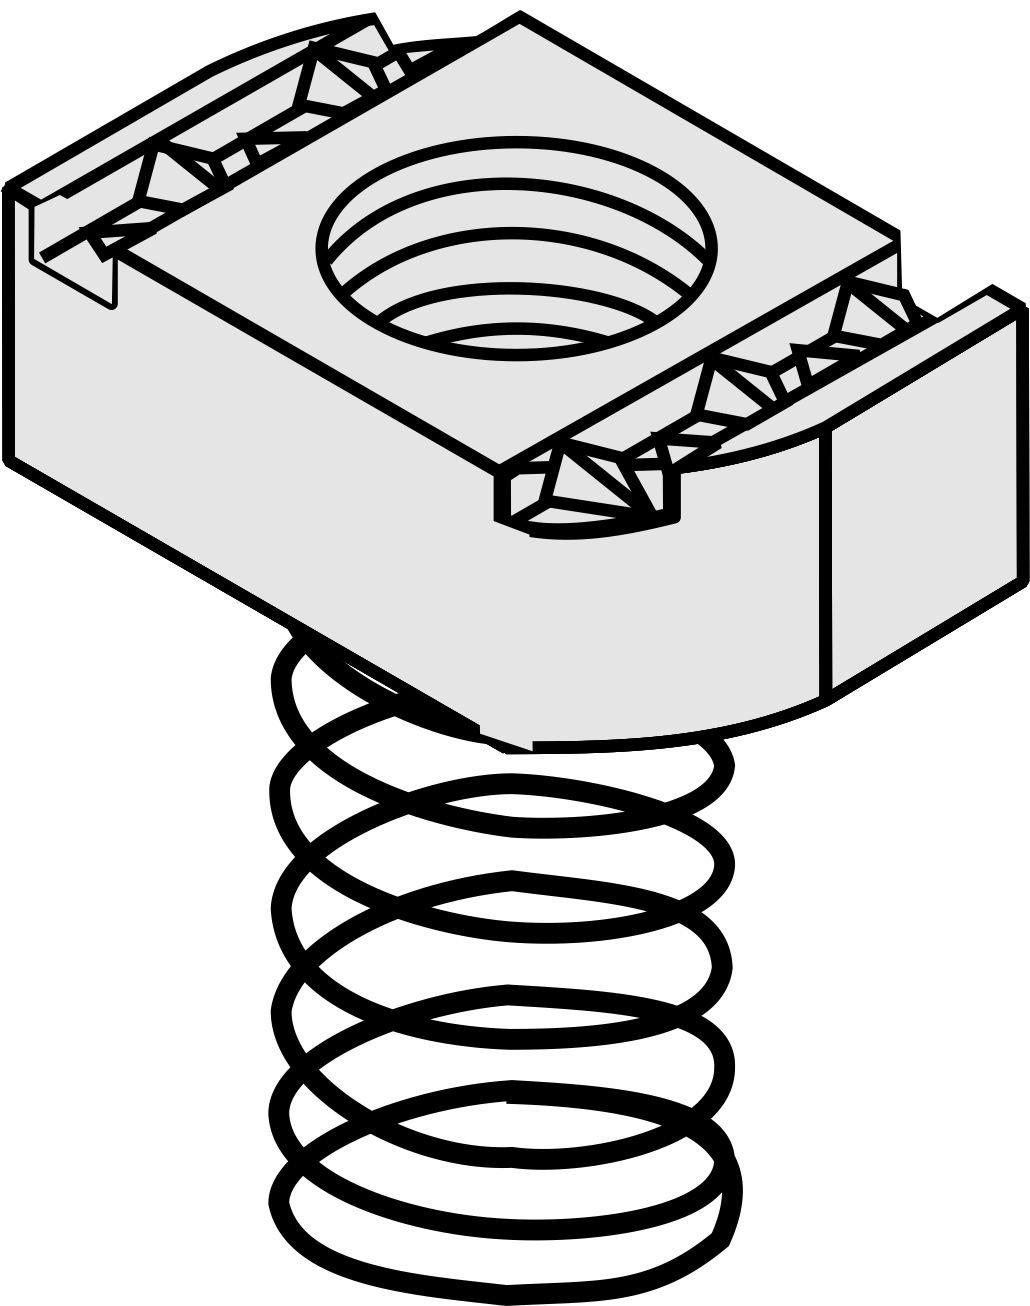 Versabar vsn 1050 – 5 1 / 2 inch tiêu chuẩn hạt lò xo áp dụng cho 1 1.8 cm / 100 / hộp trụ cột